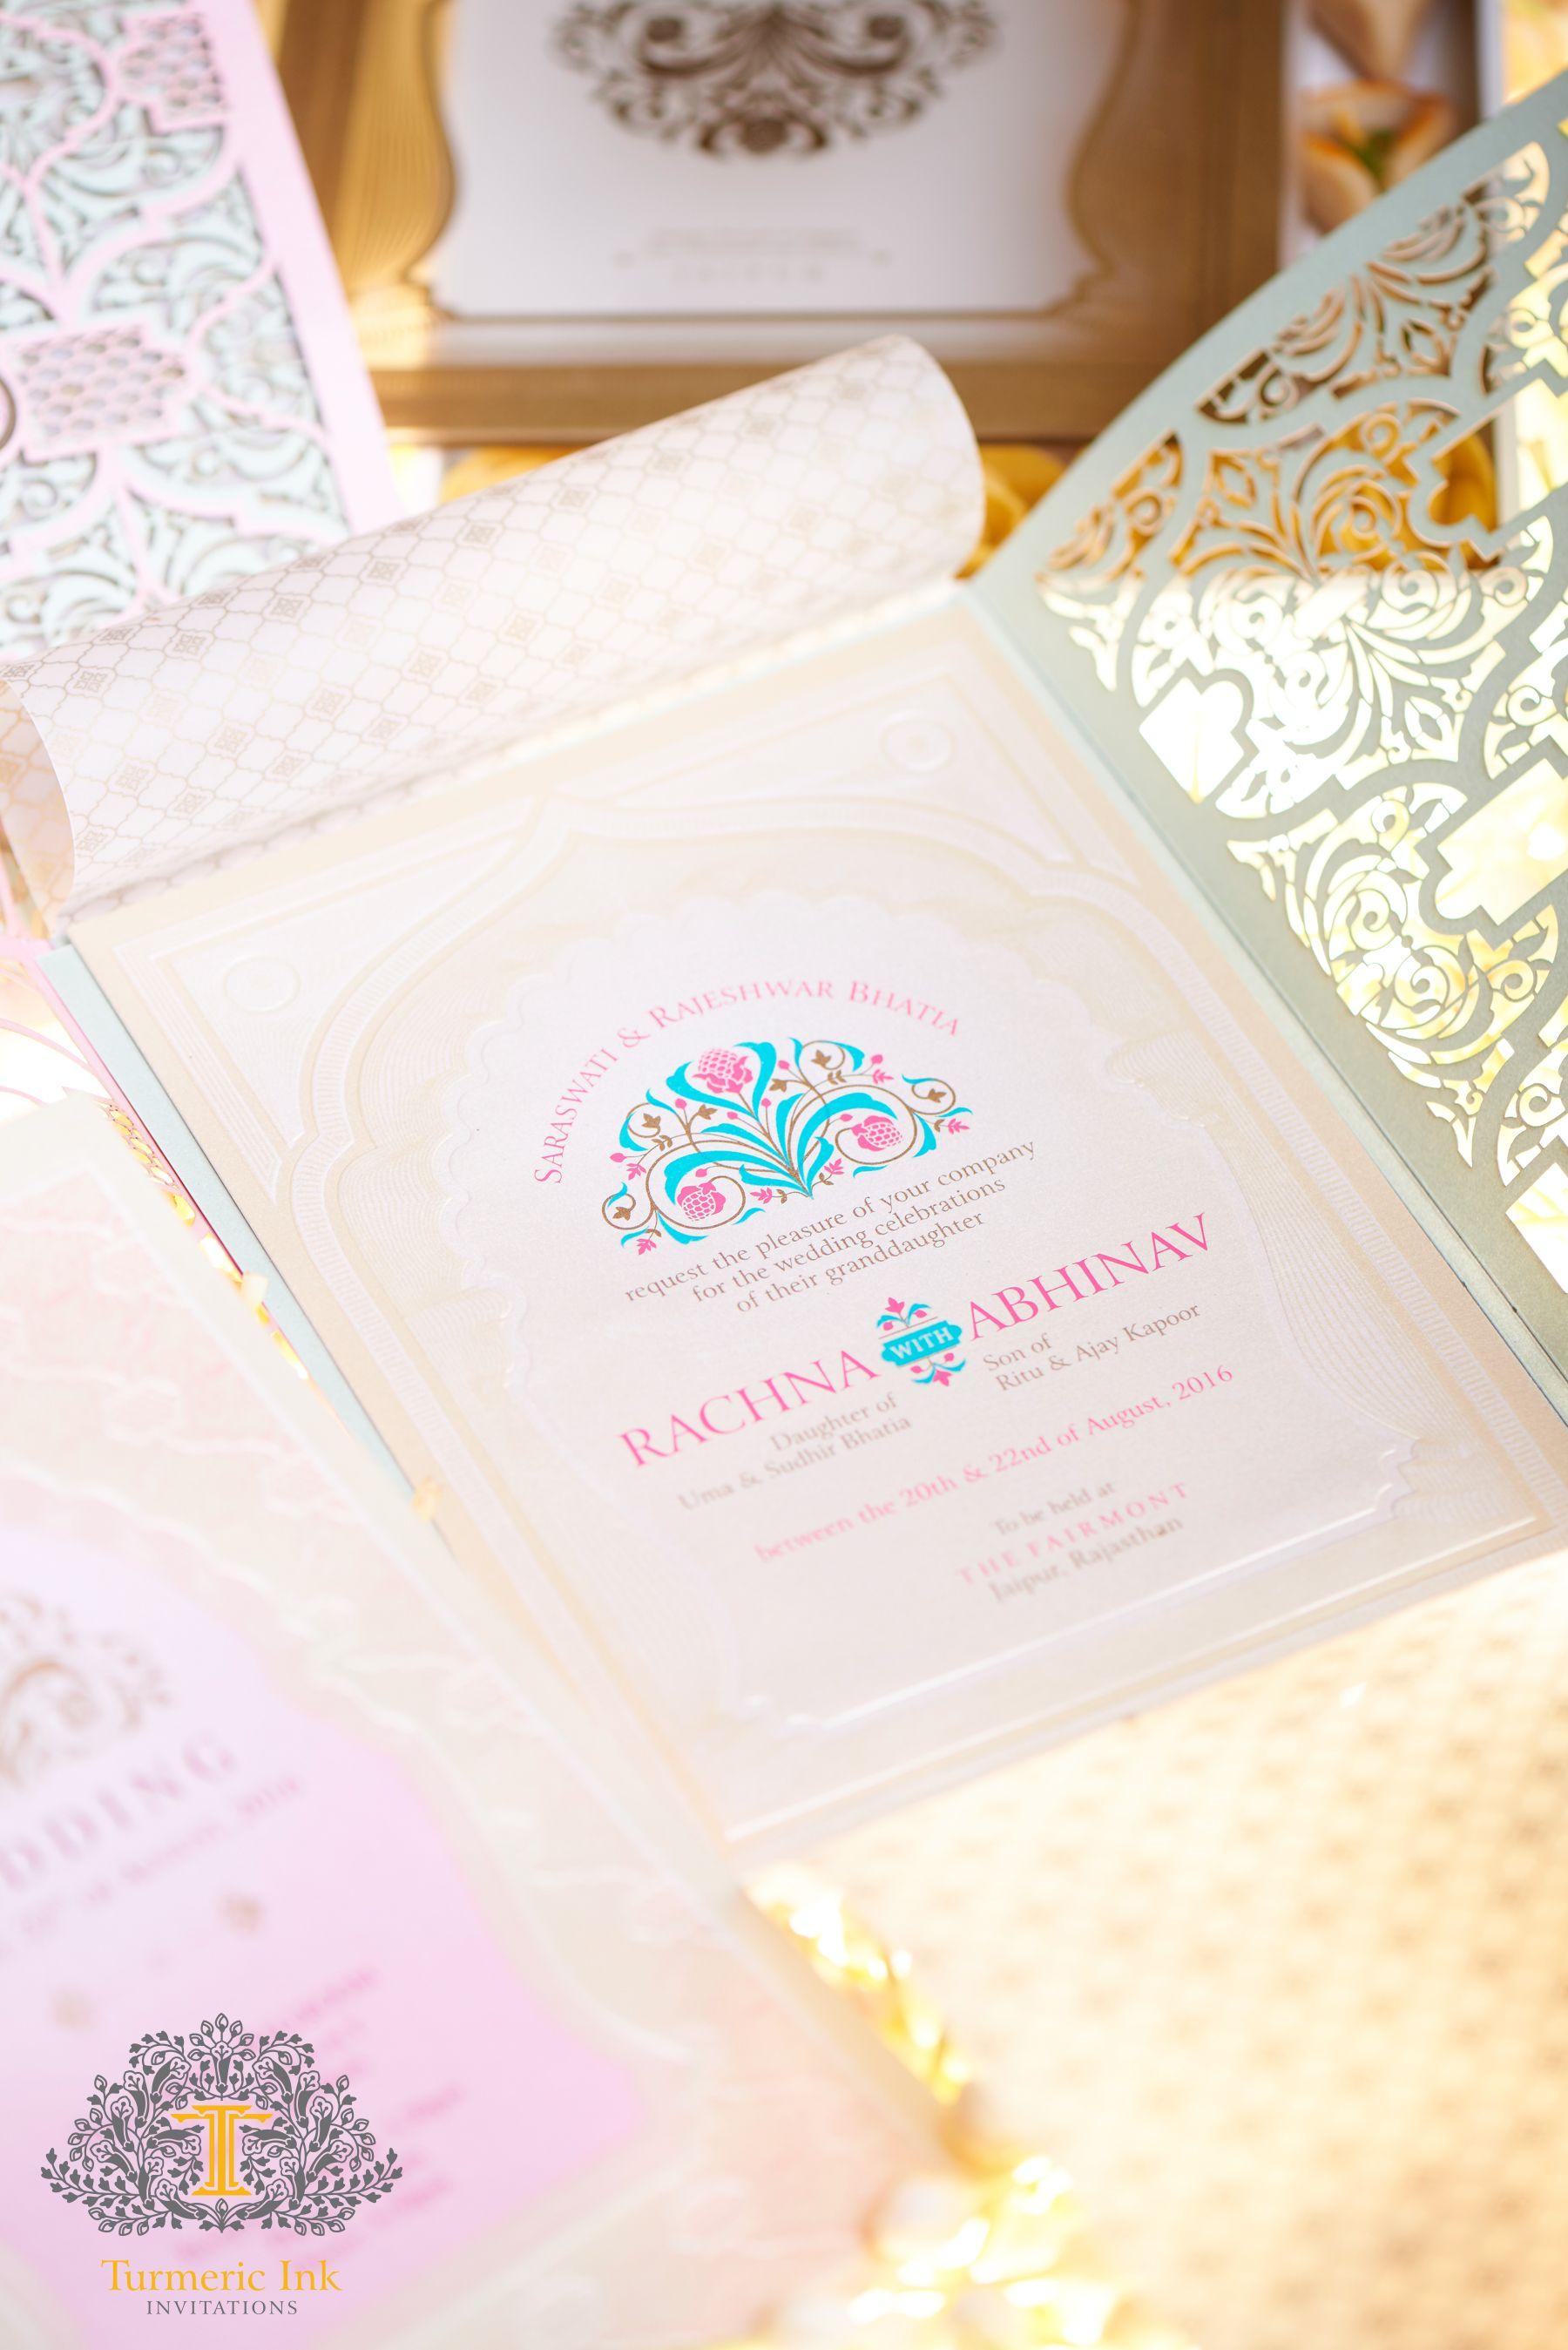 invite, invitations, Indian wedding invite, wedding card, bride ...